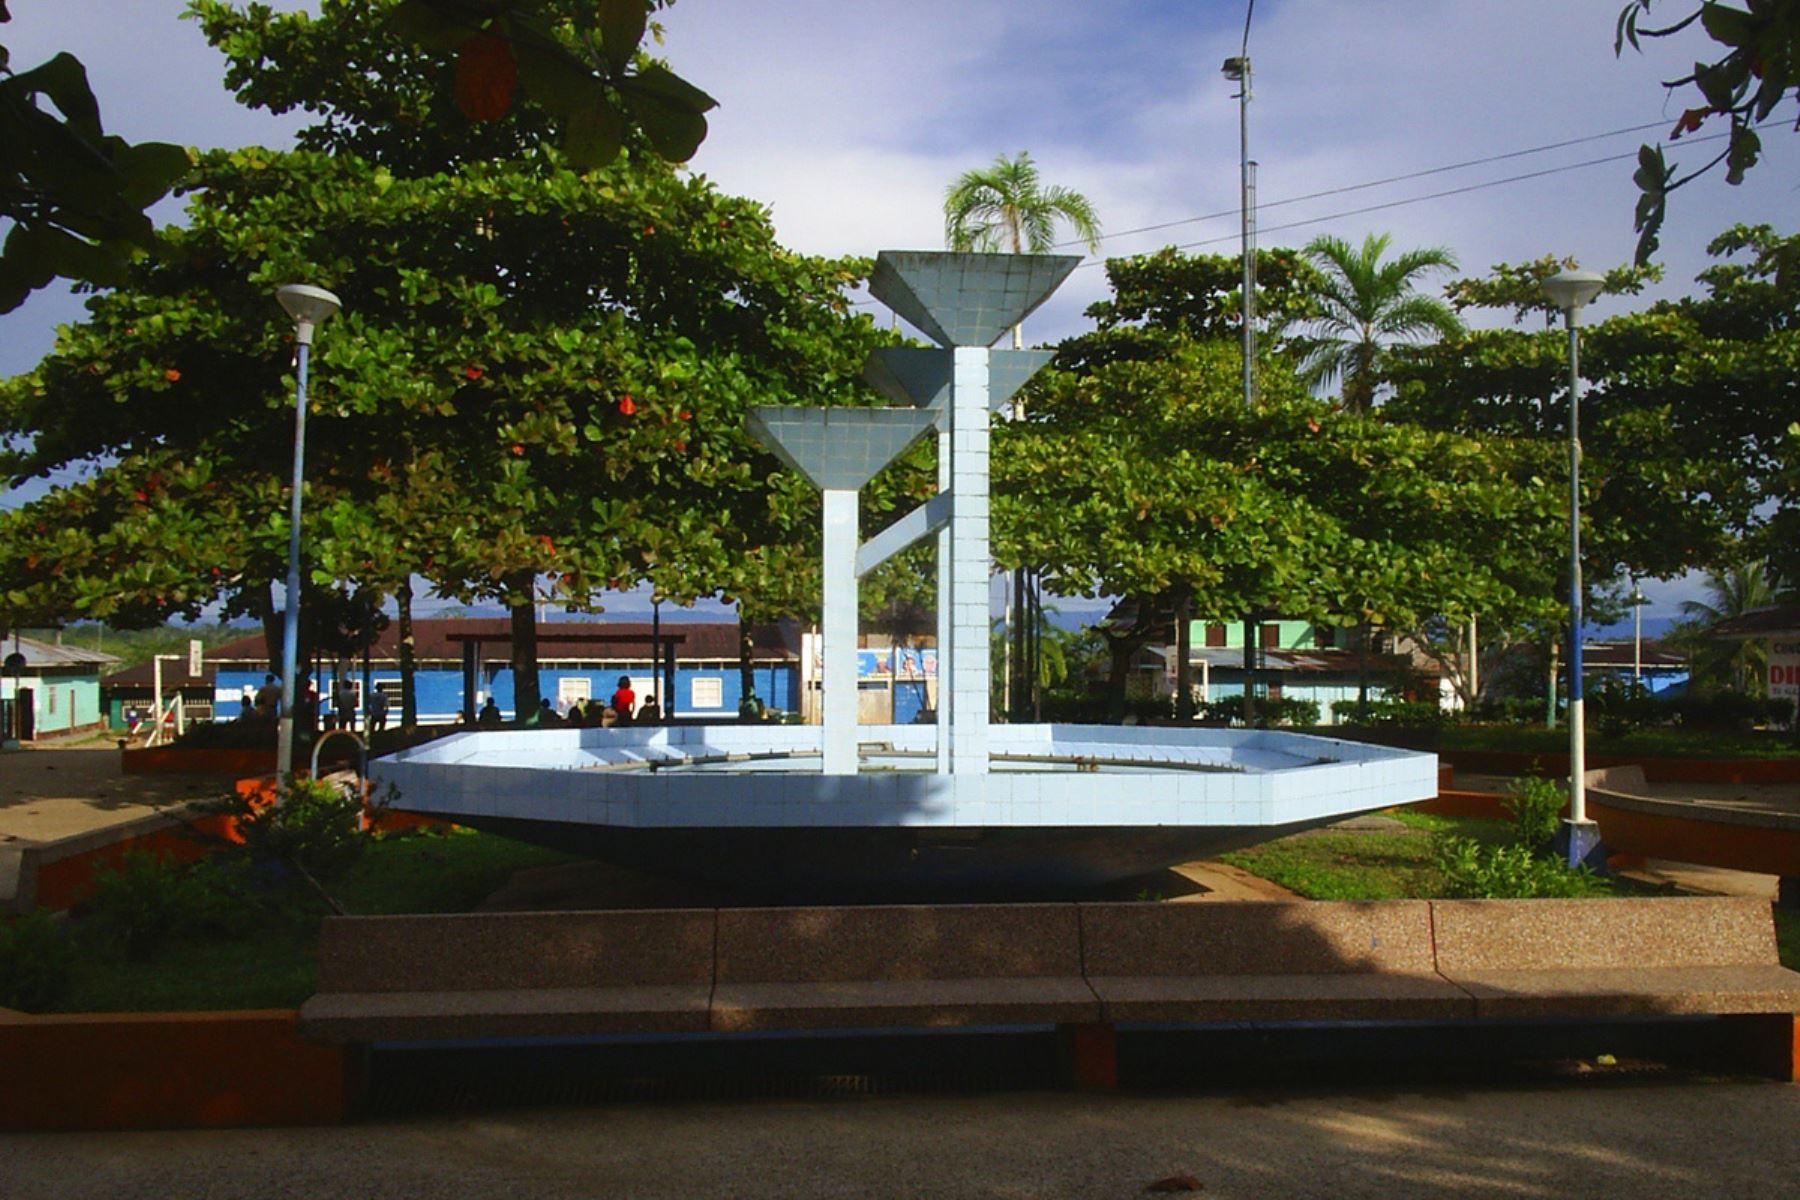 Puerto Bermudez, en Pasco, fue afectada por un fuerte sismo. Foto: Oxapampa.pe